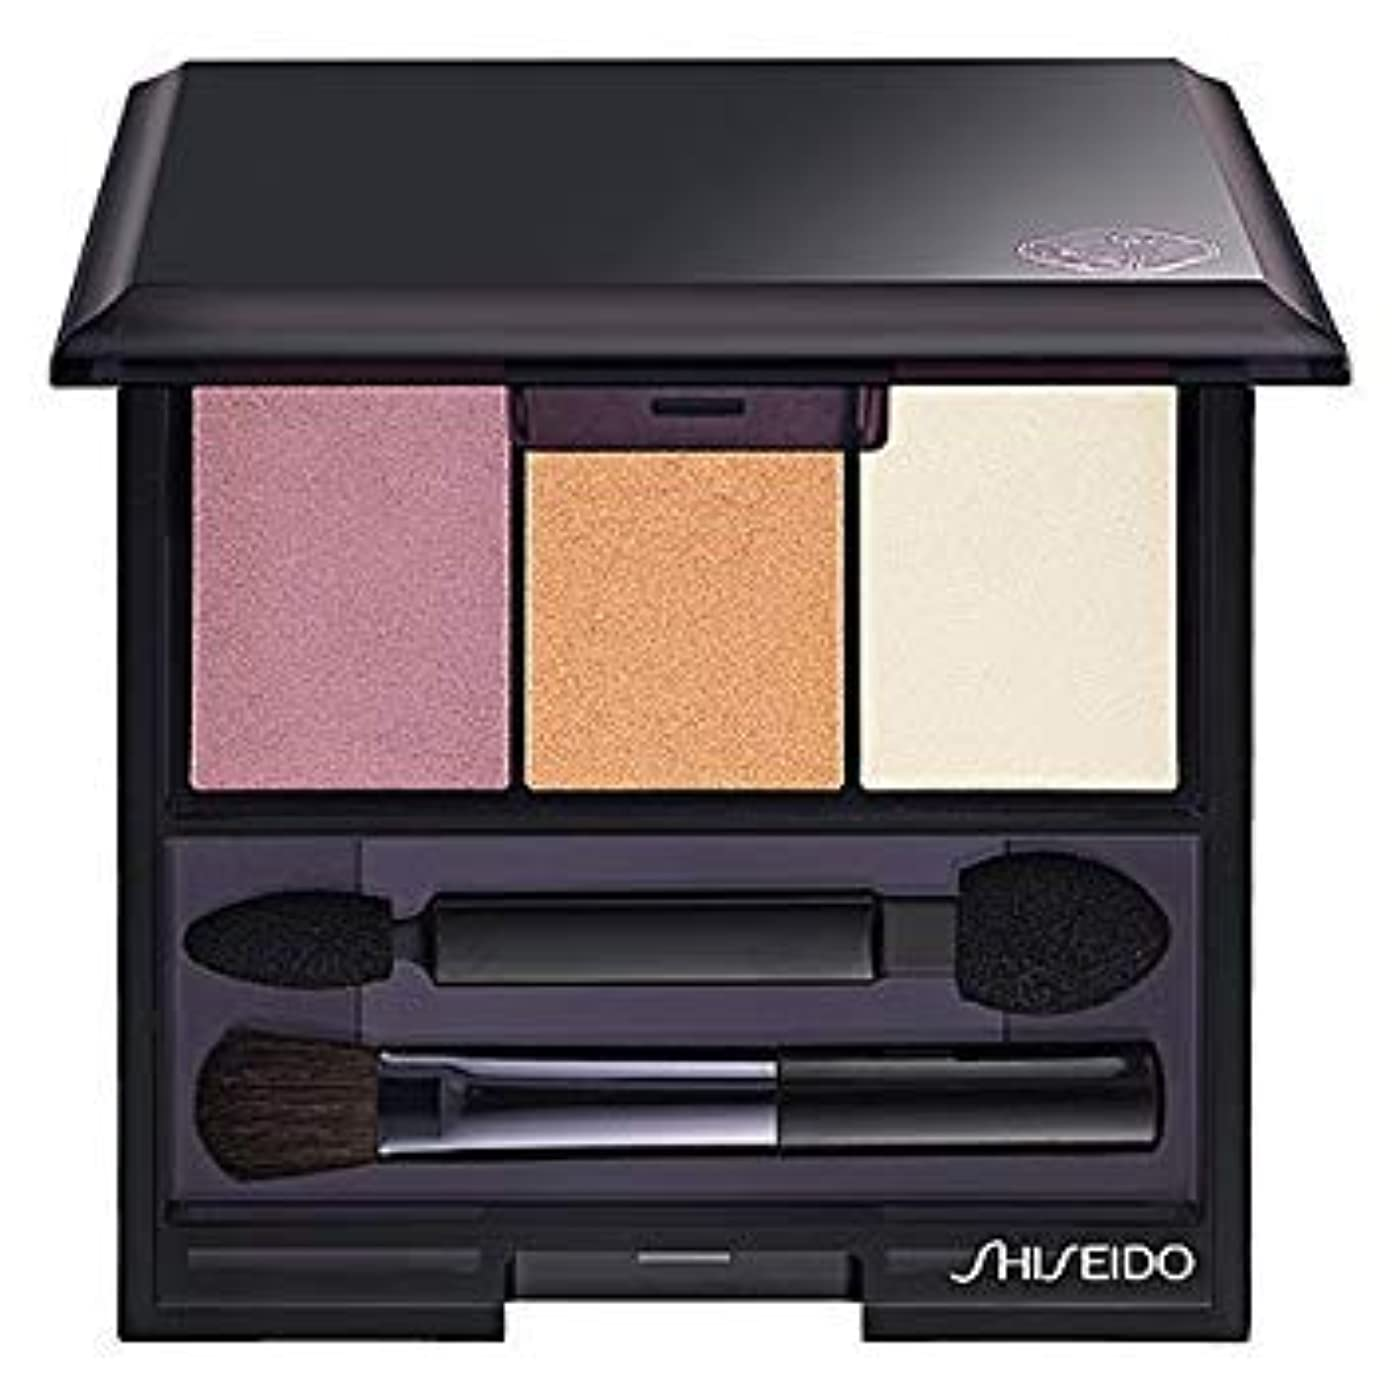 すき埋める翻訳する資生堂 ルミナイジング サテン アイカラー トリオ RD299(Shiseido Luminizing Satin Eye Color Trio RD299) [並行輸入品]